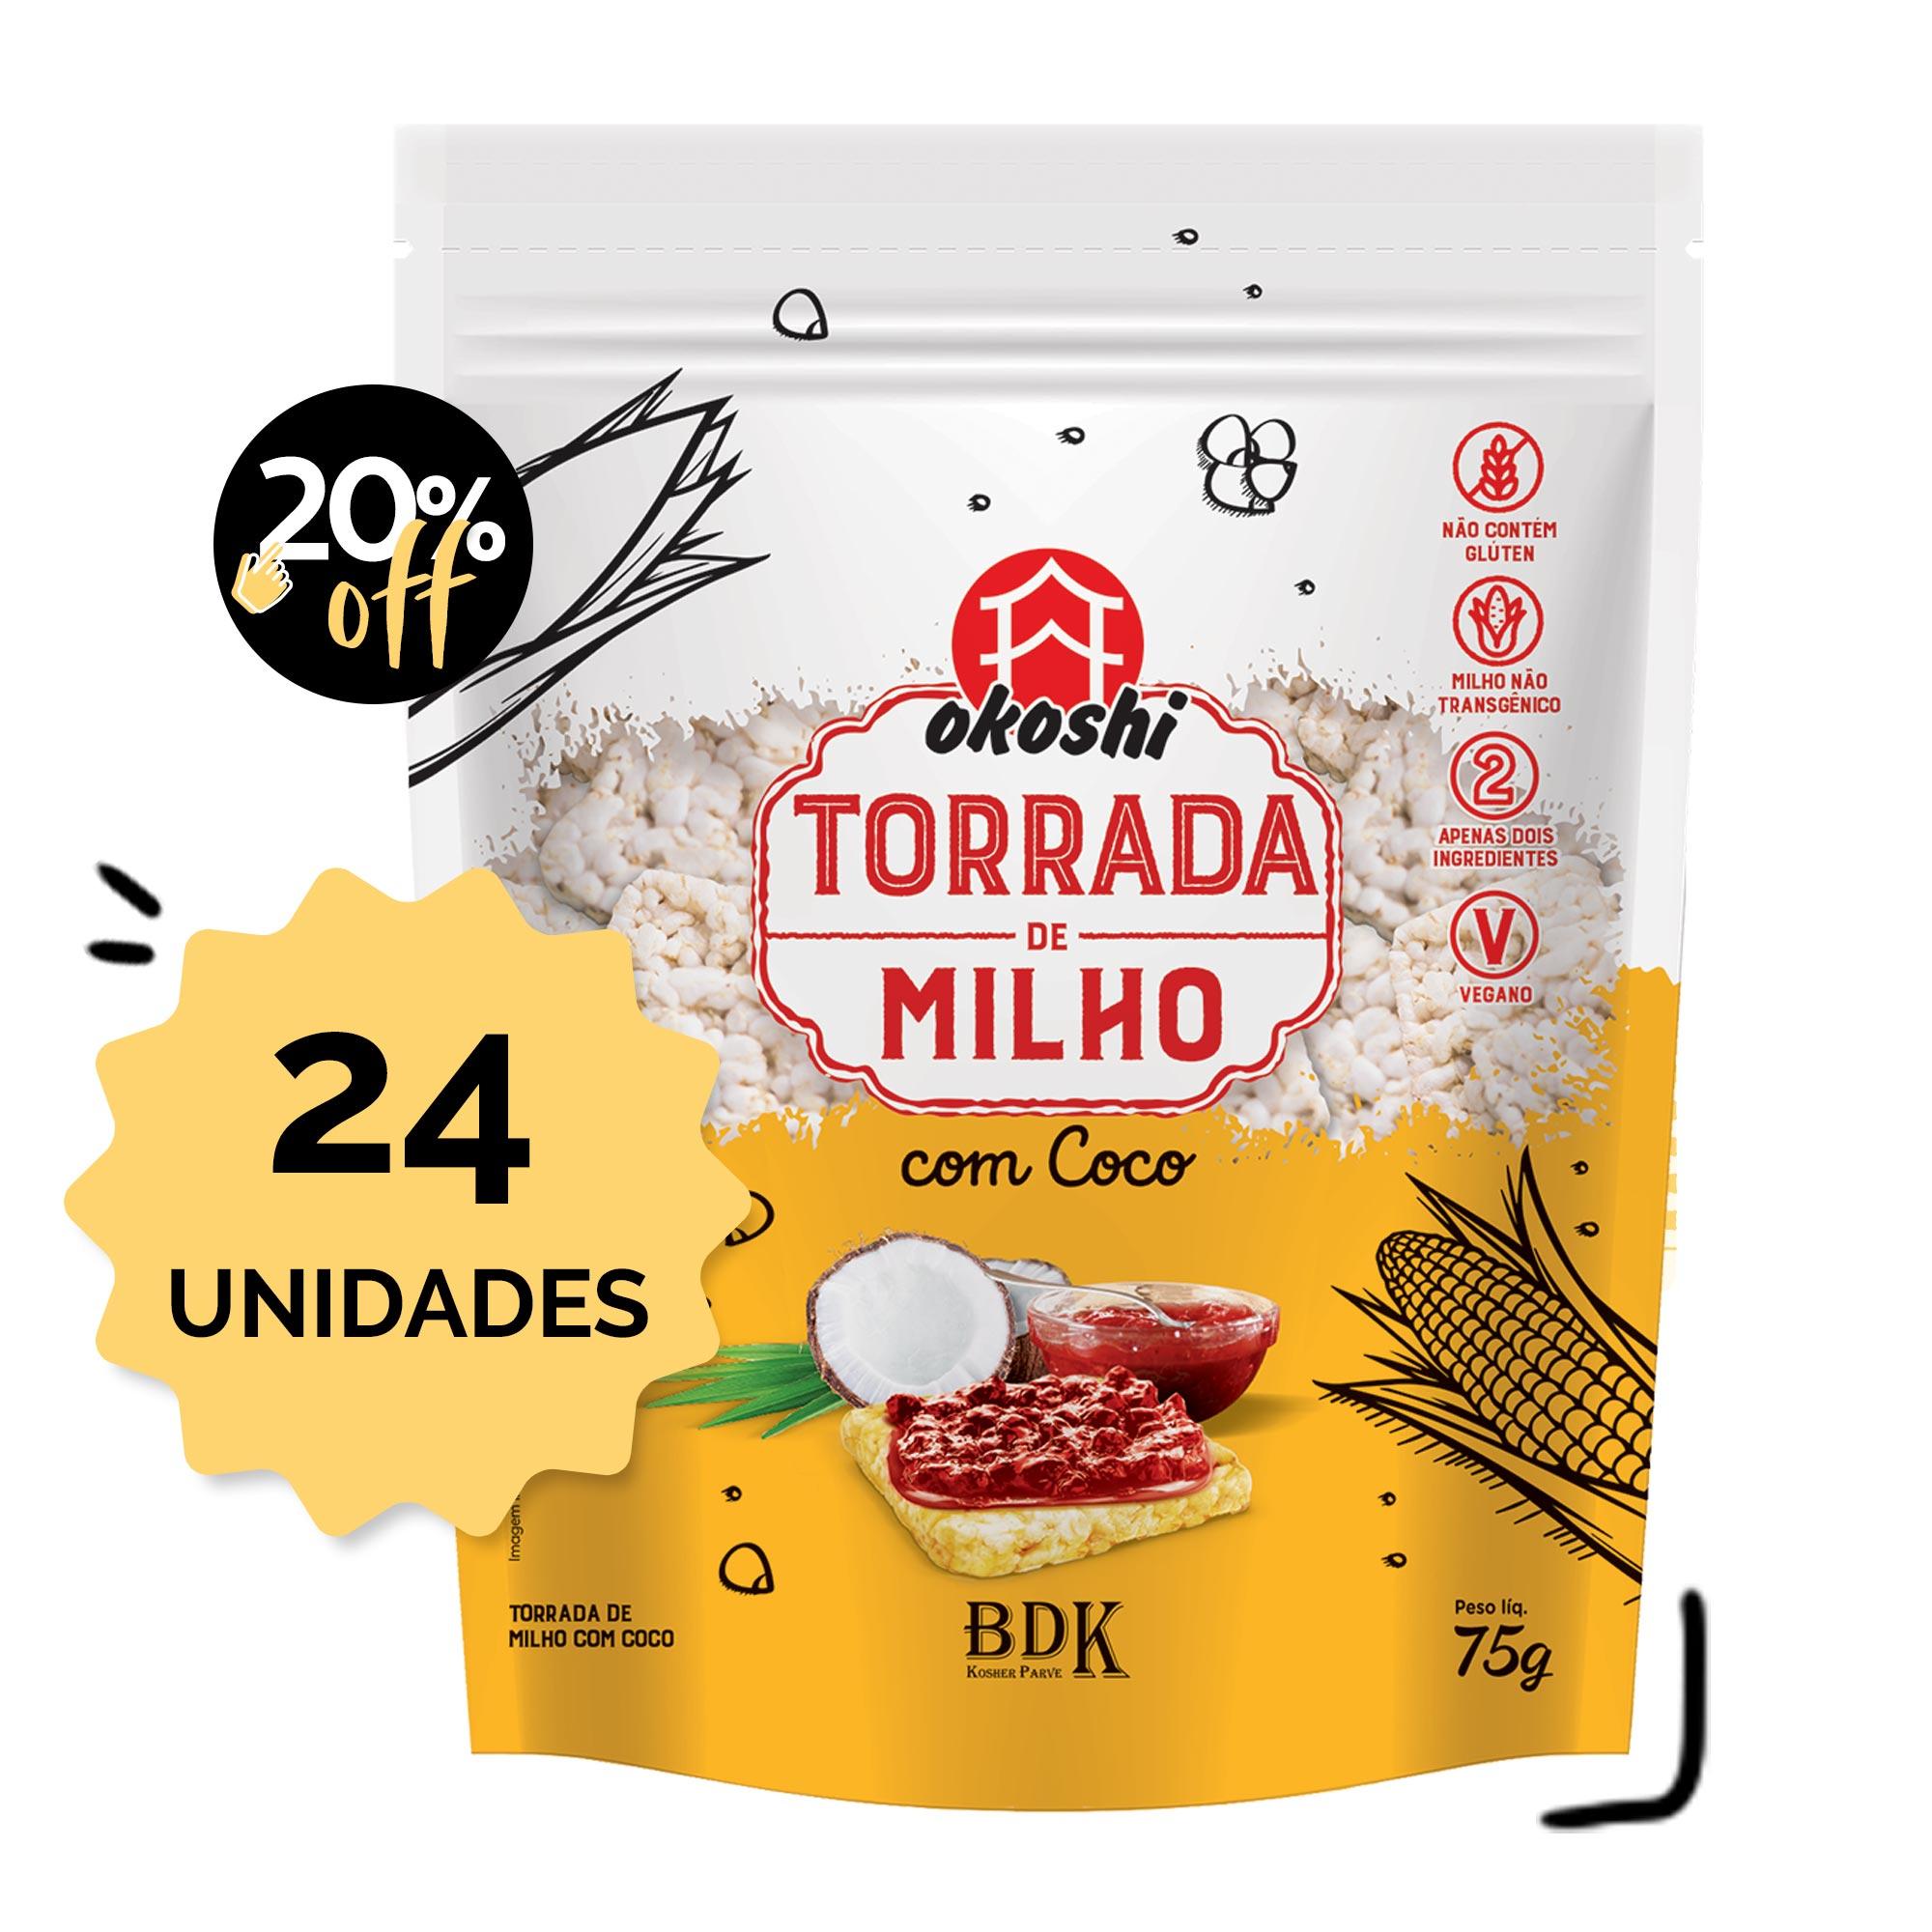 SUPER PACK 24 unidades - Torrada de Milho com Coco